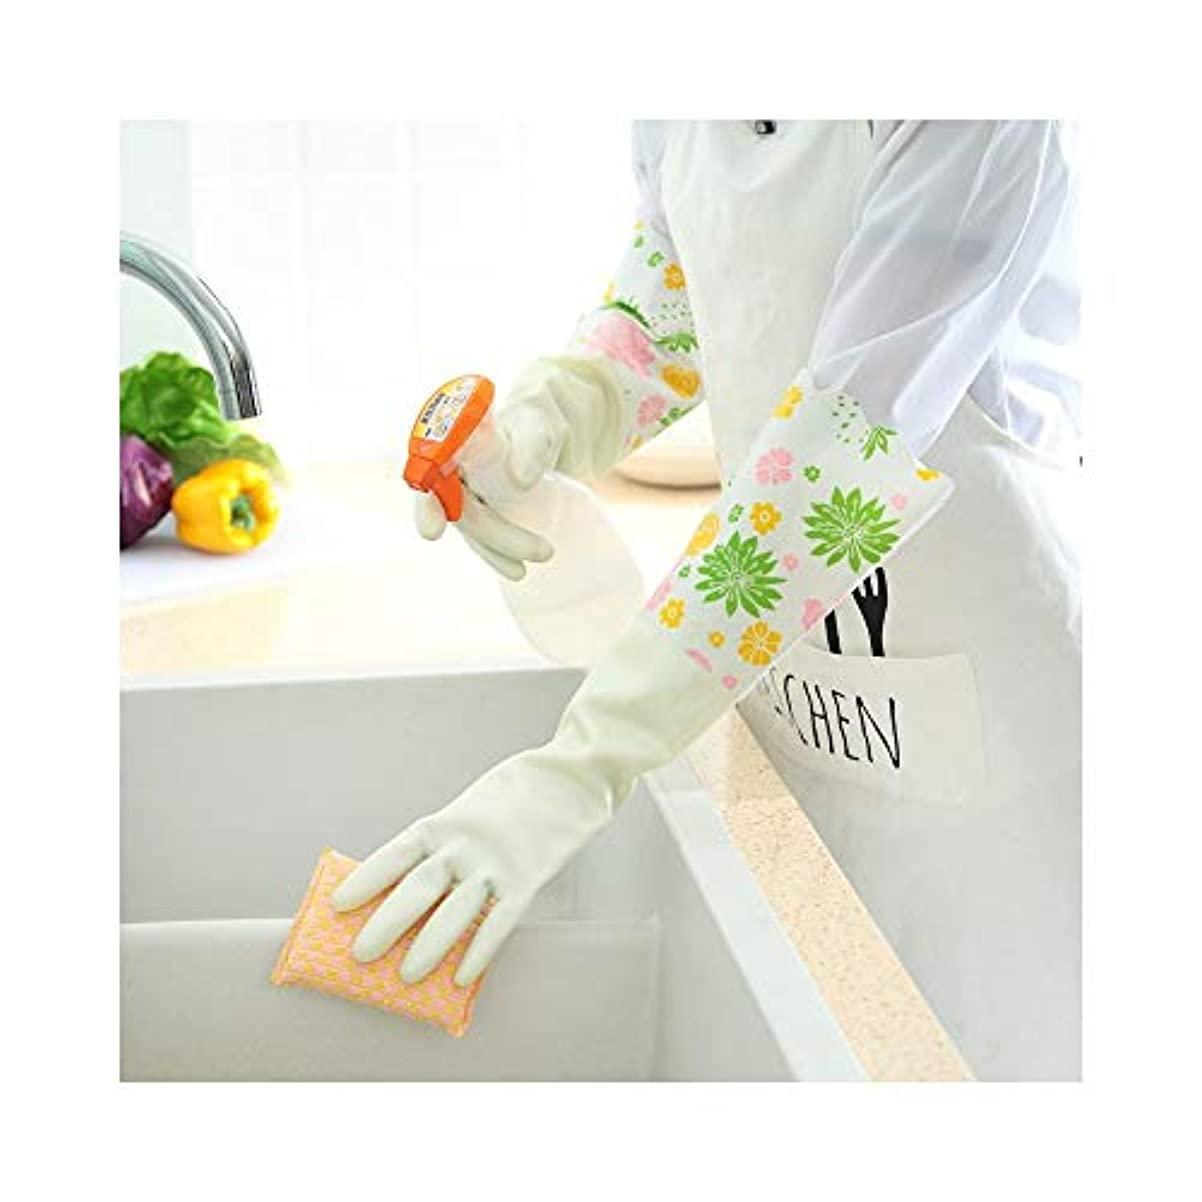 差別予防接種同盟使い捨て手袋 キッチン用手袋防水性と耐久性のあるゴム製家事用手袋、1ペア ニトリルゴム手袋 (Color : GREEN, Size : L)